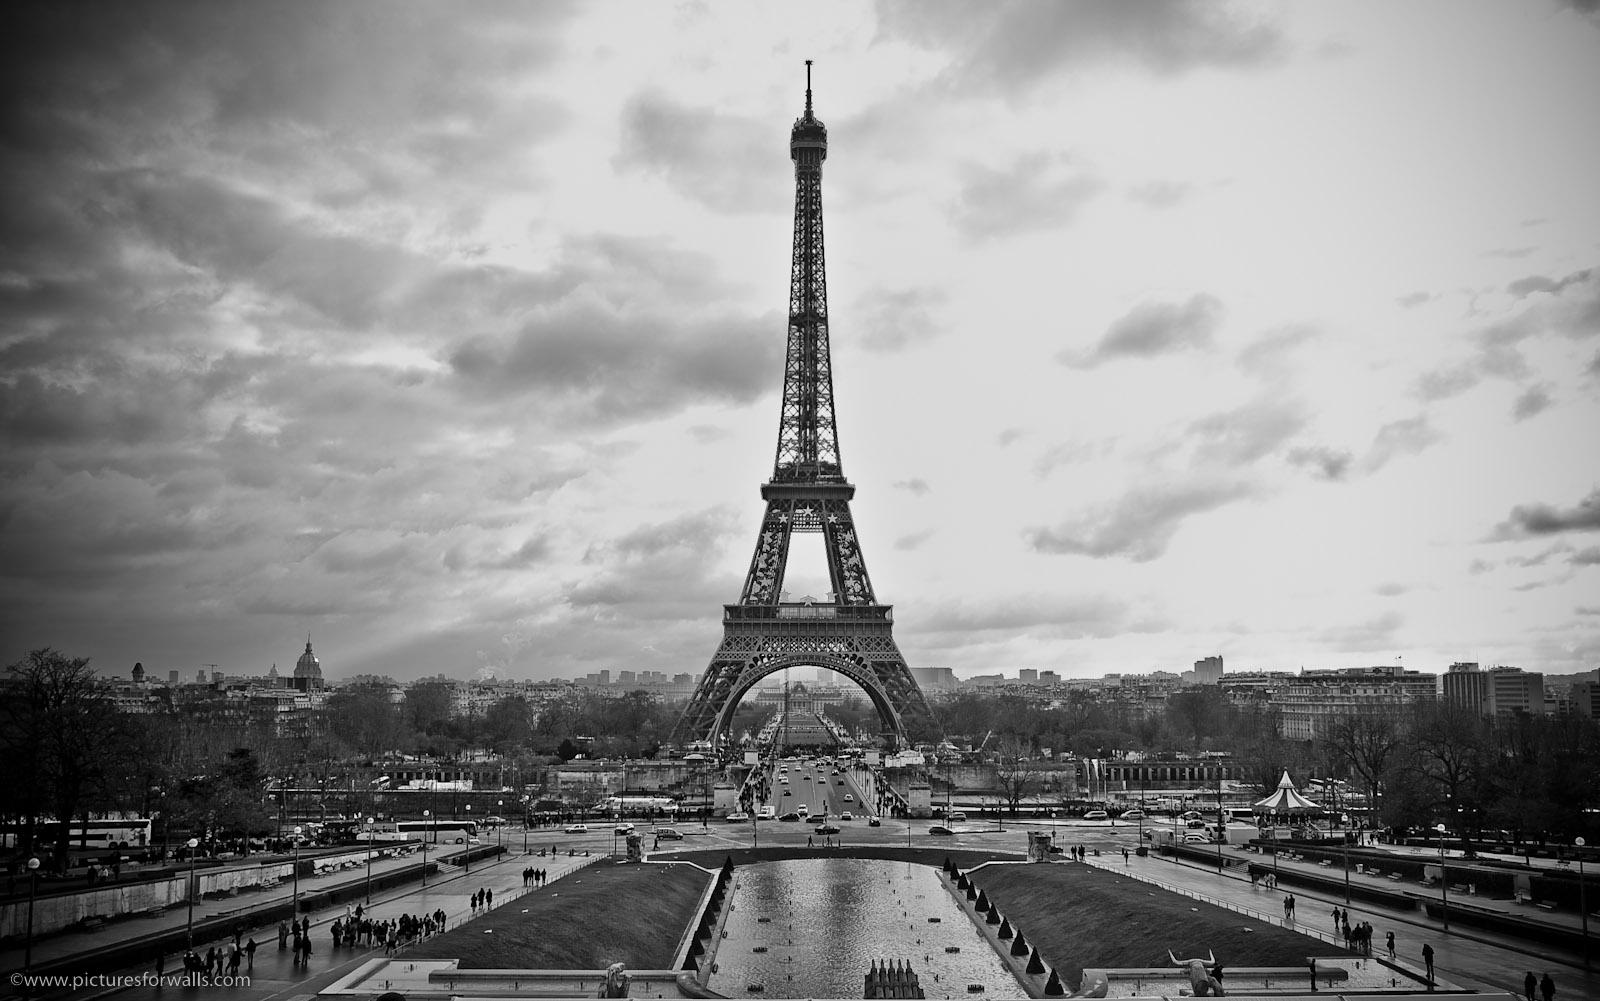 Paris paris eiffel tower black and white for Eiffel tower wall mural black and white